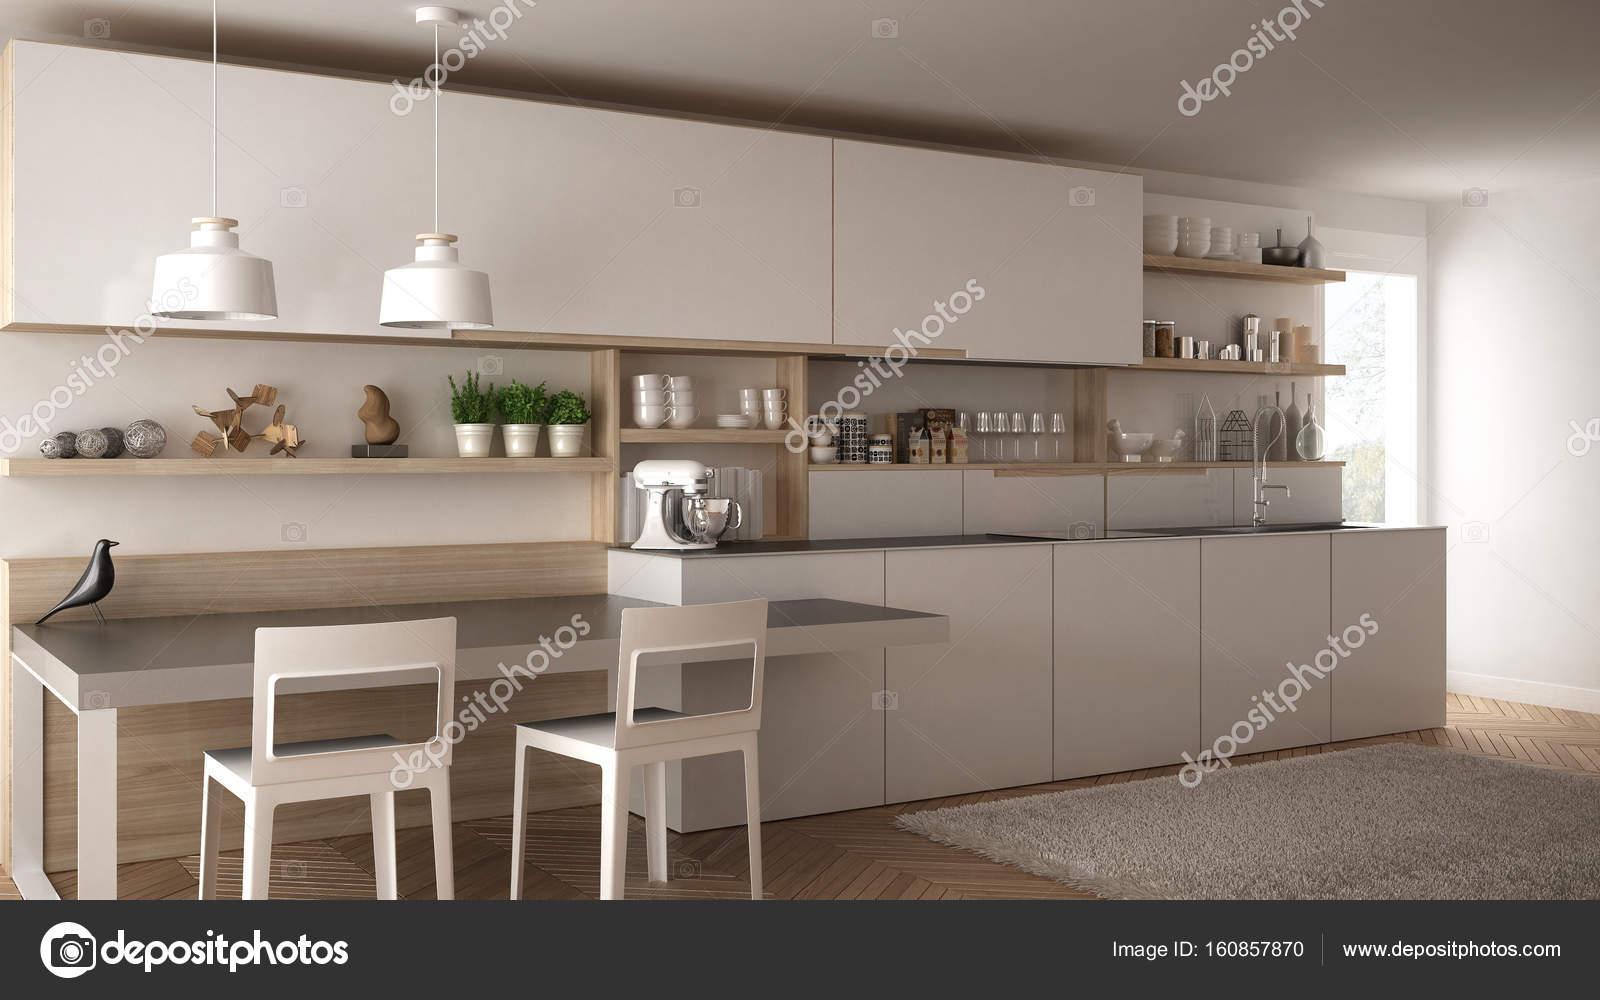 Cocina moderna minimalista con detalles de madera, mesa y sillas ...